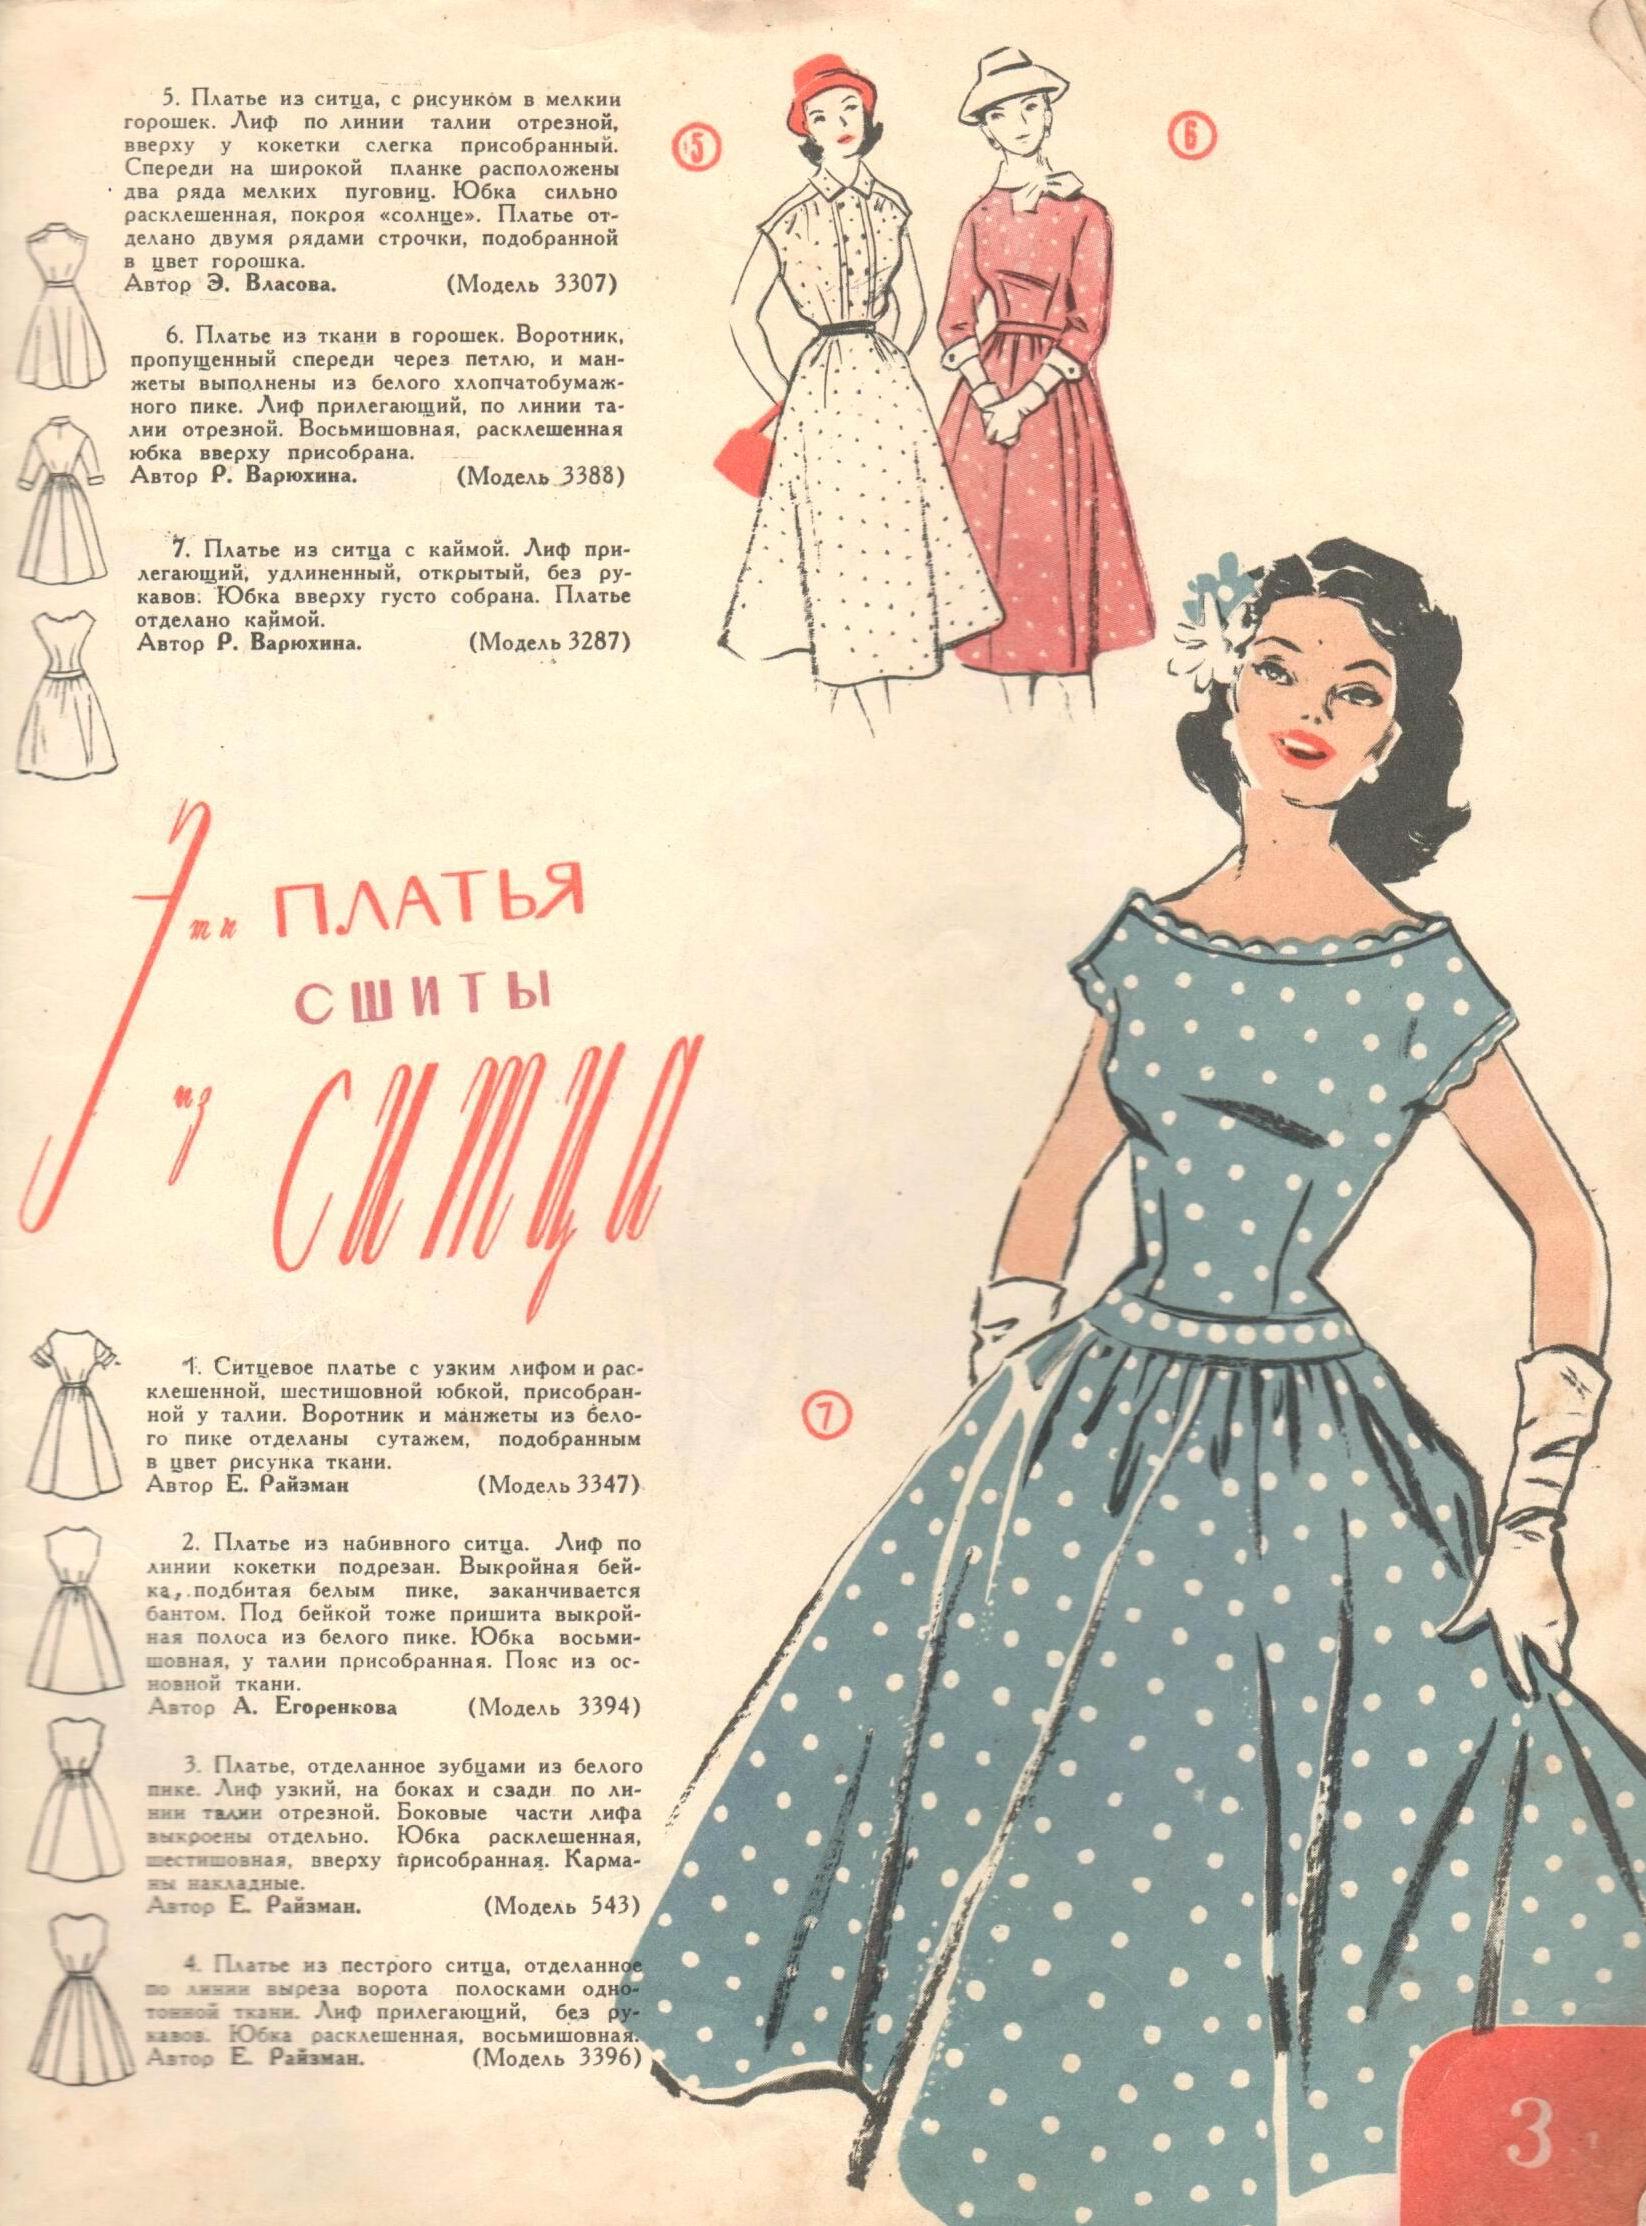 Сшить платье из ситца своими руками выкройки